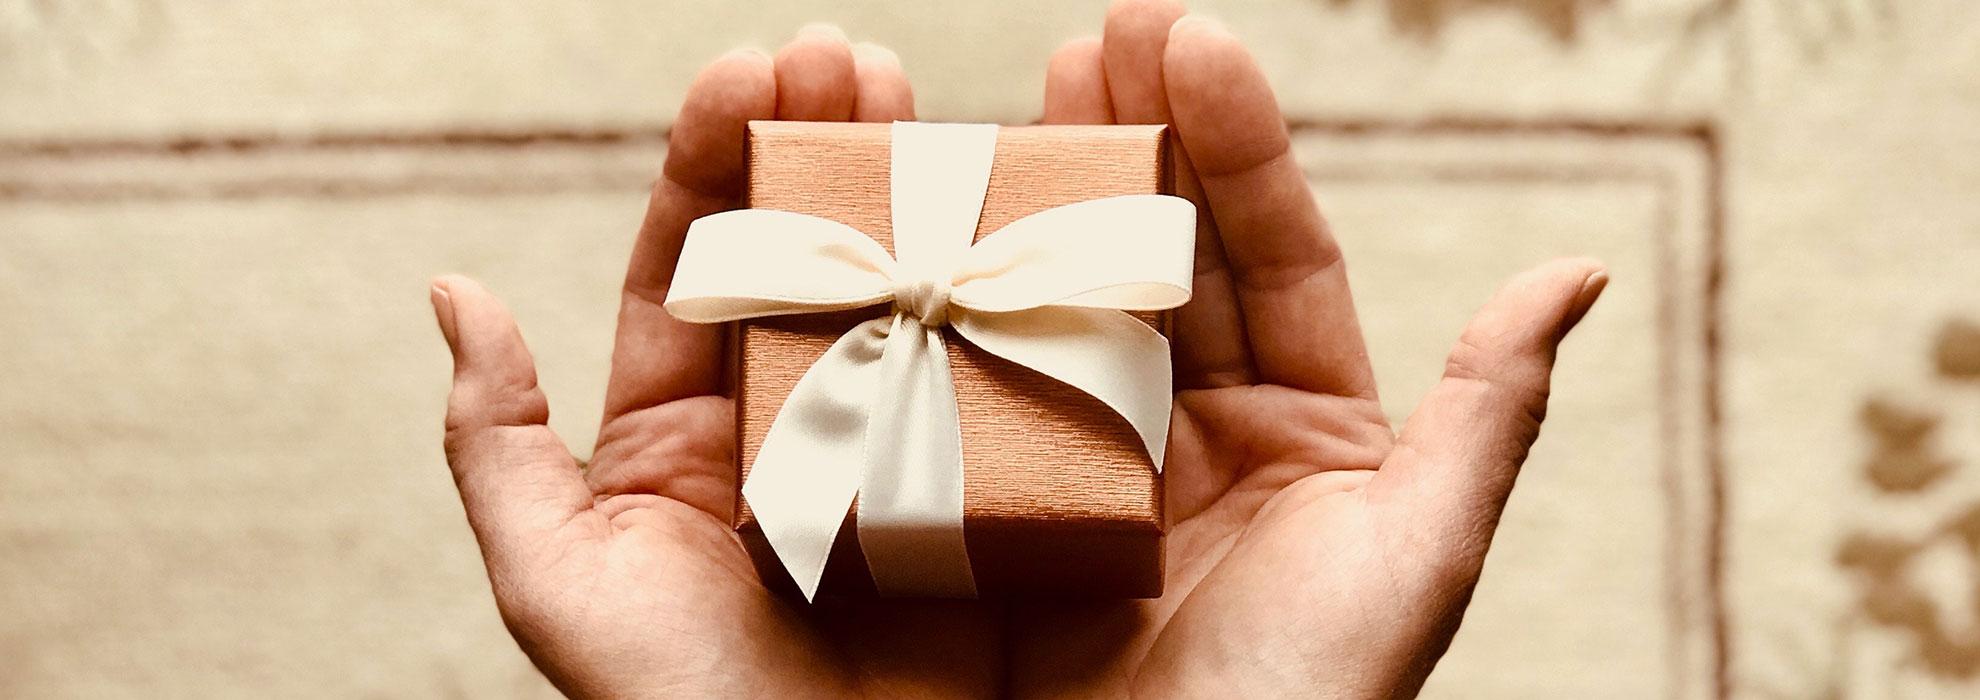 Donar un riñón es un regalo - trasplante de rinon